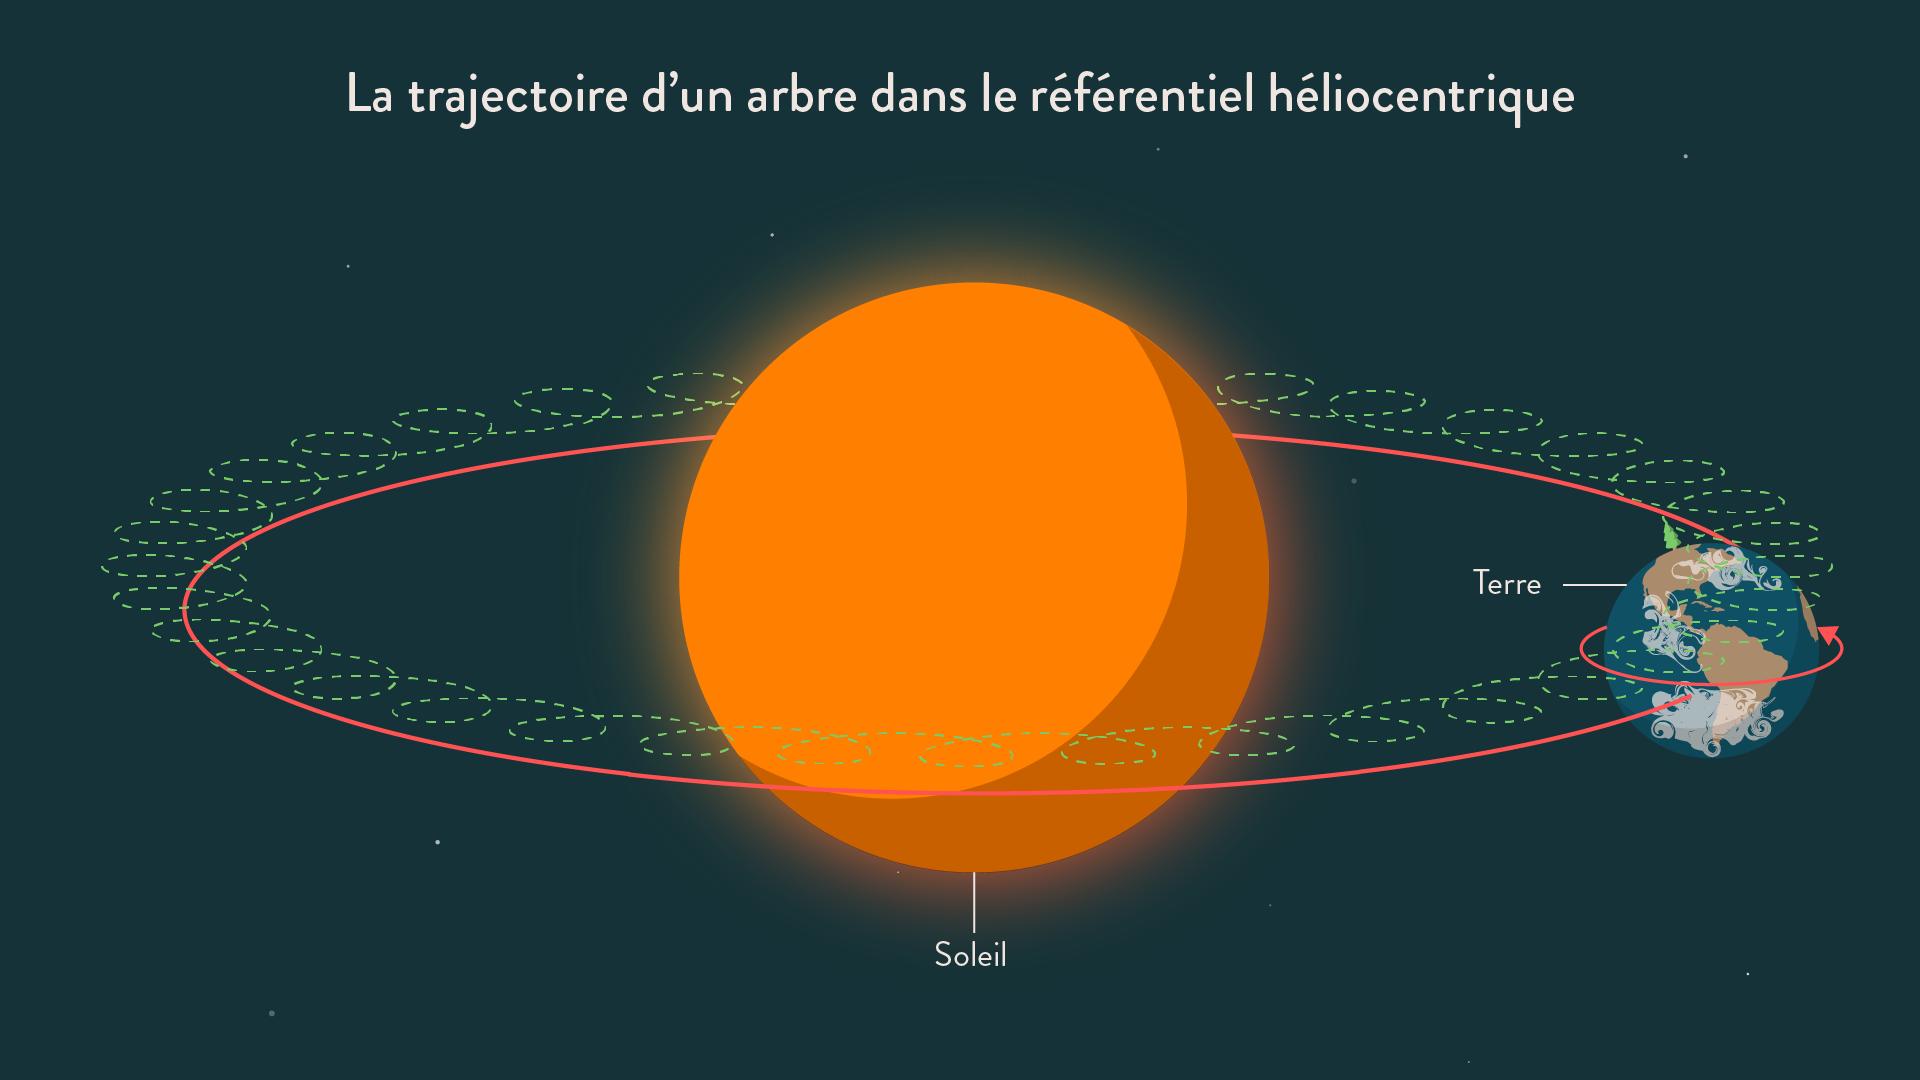 La trajectoire d'un arbre dans le référentiel héliocentrique